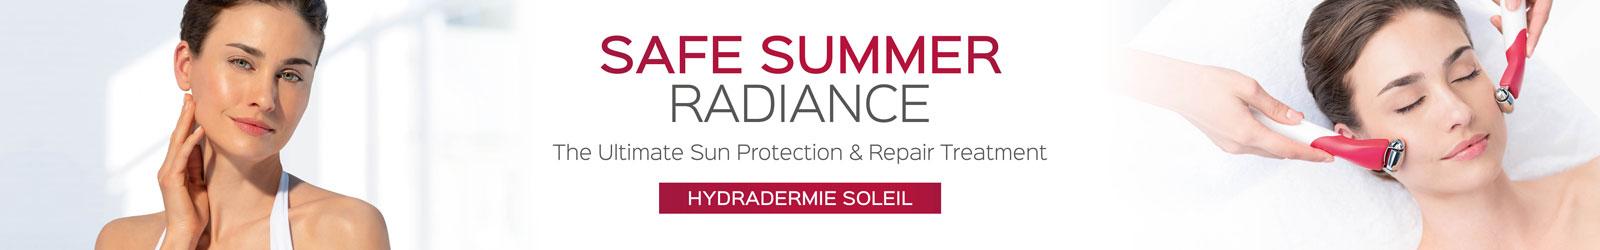 1621861293.2825Safe-Summer-Radiance_Web-Banner1.jpg